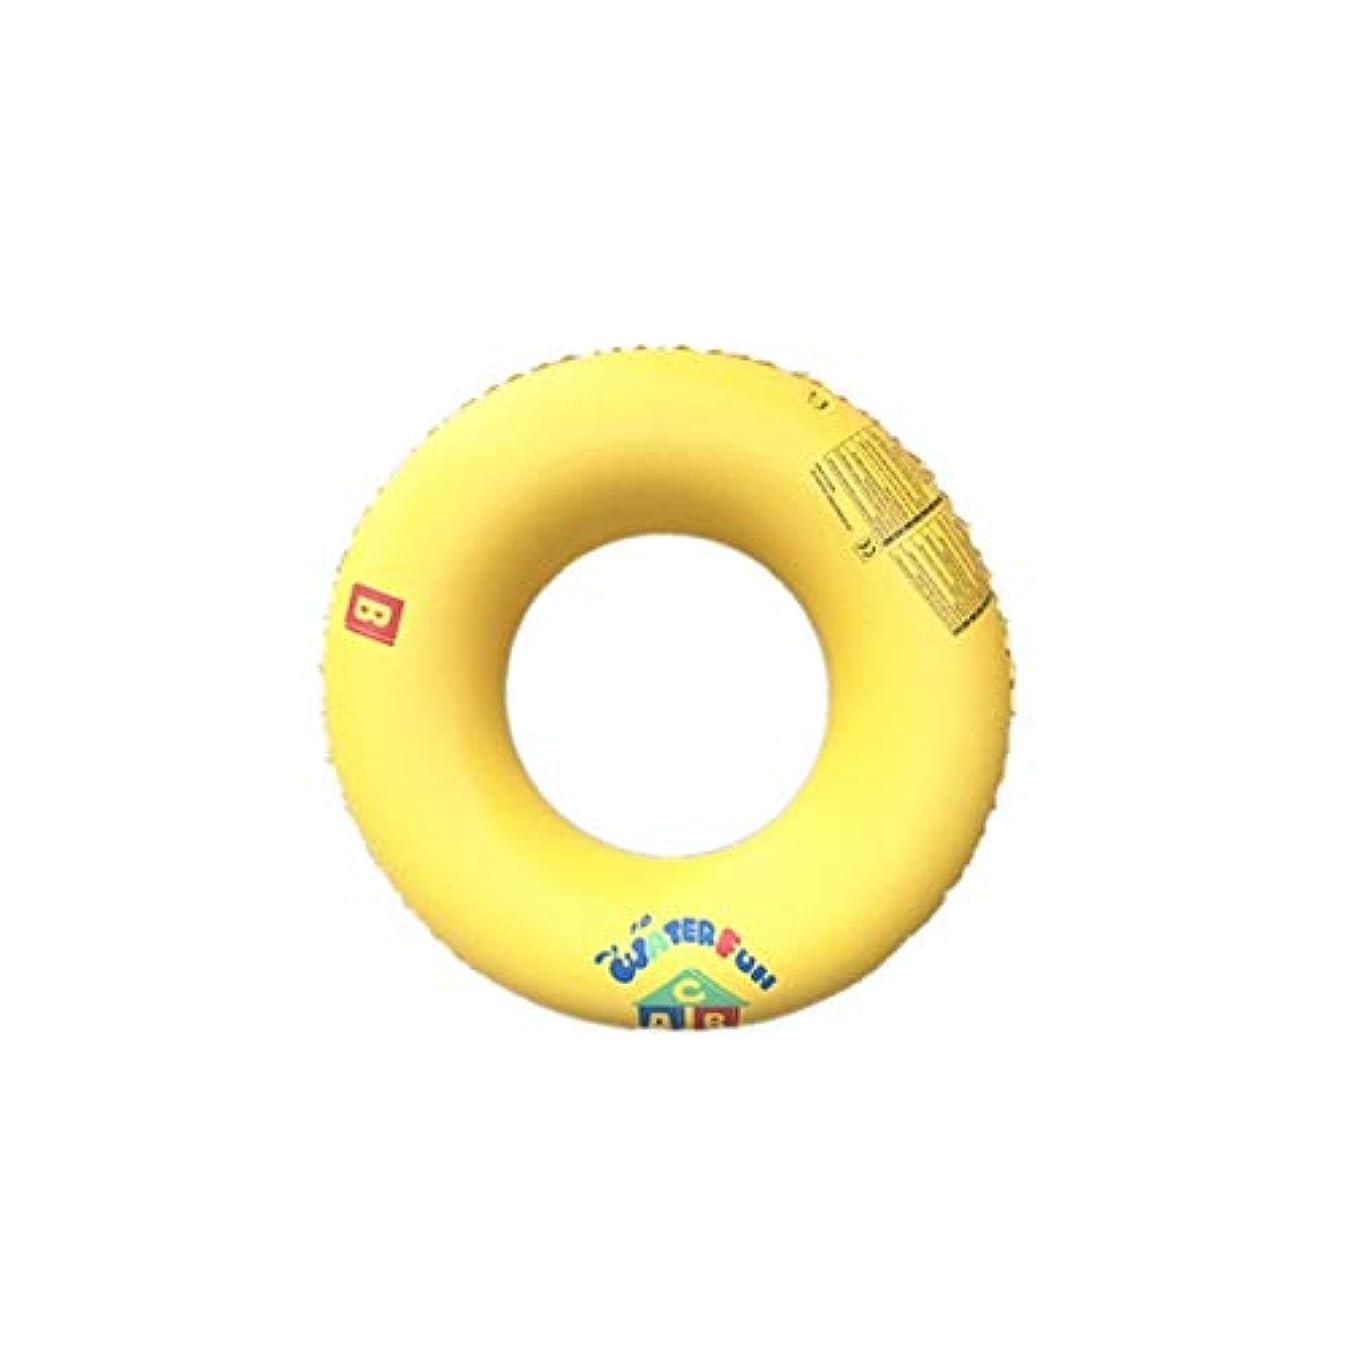 セメント衝動複製するクラシック 男女兼用 浮き輪 レディース夏浮輪 水インフレータブル水泳リング夏のポータブルスイミングプールビーチフローティングプールの装飾大人子供カップル黄色 メガ割引 ( Size : 90cm )